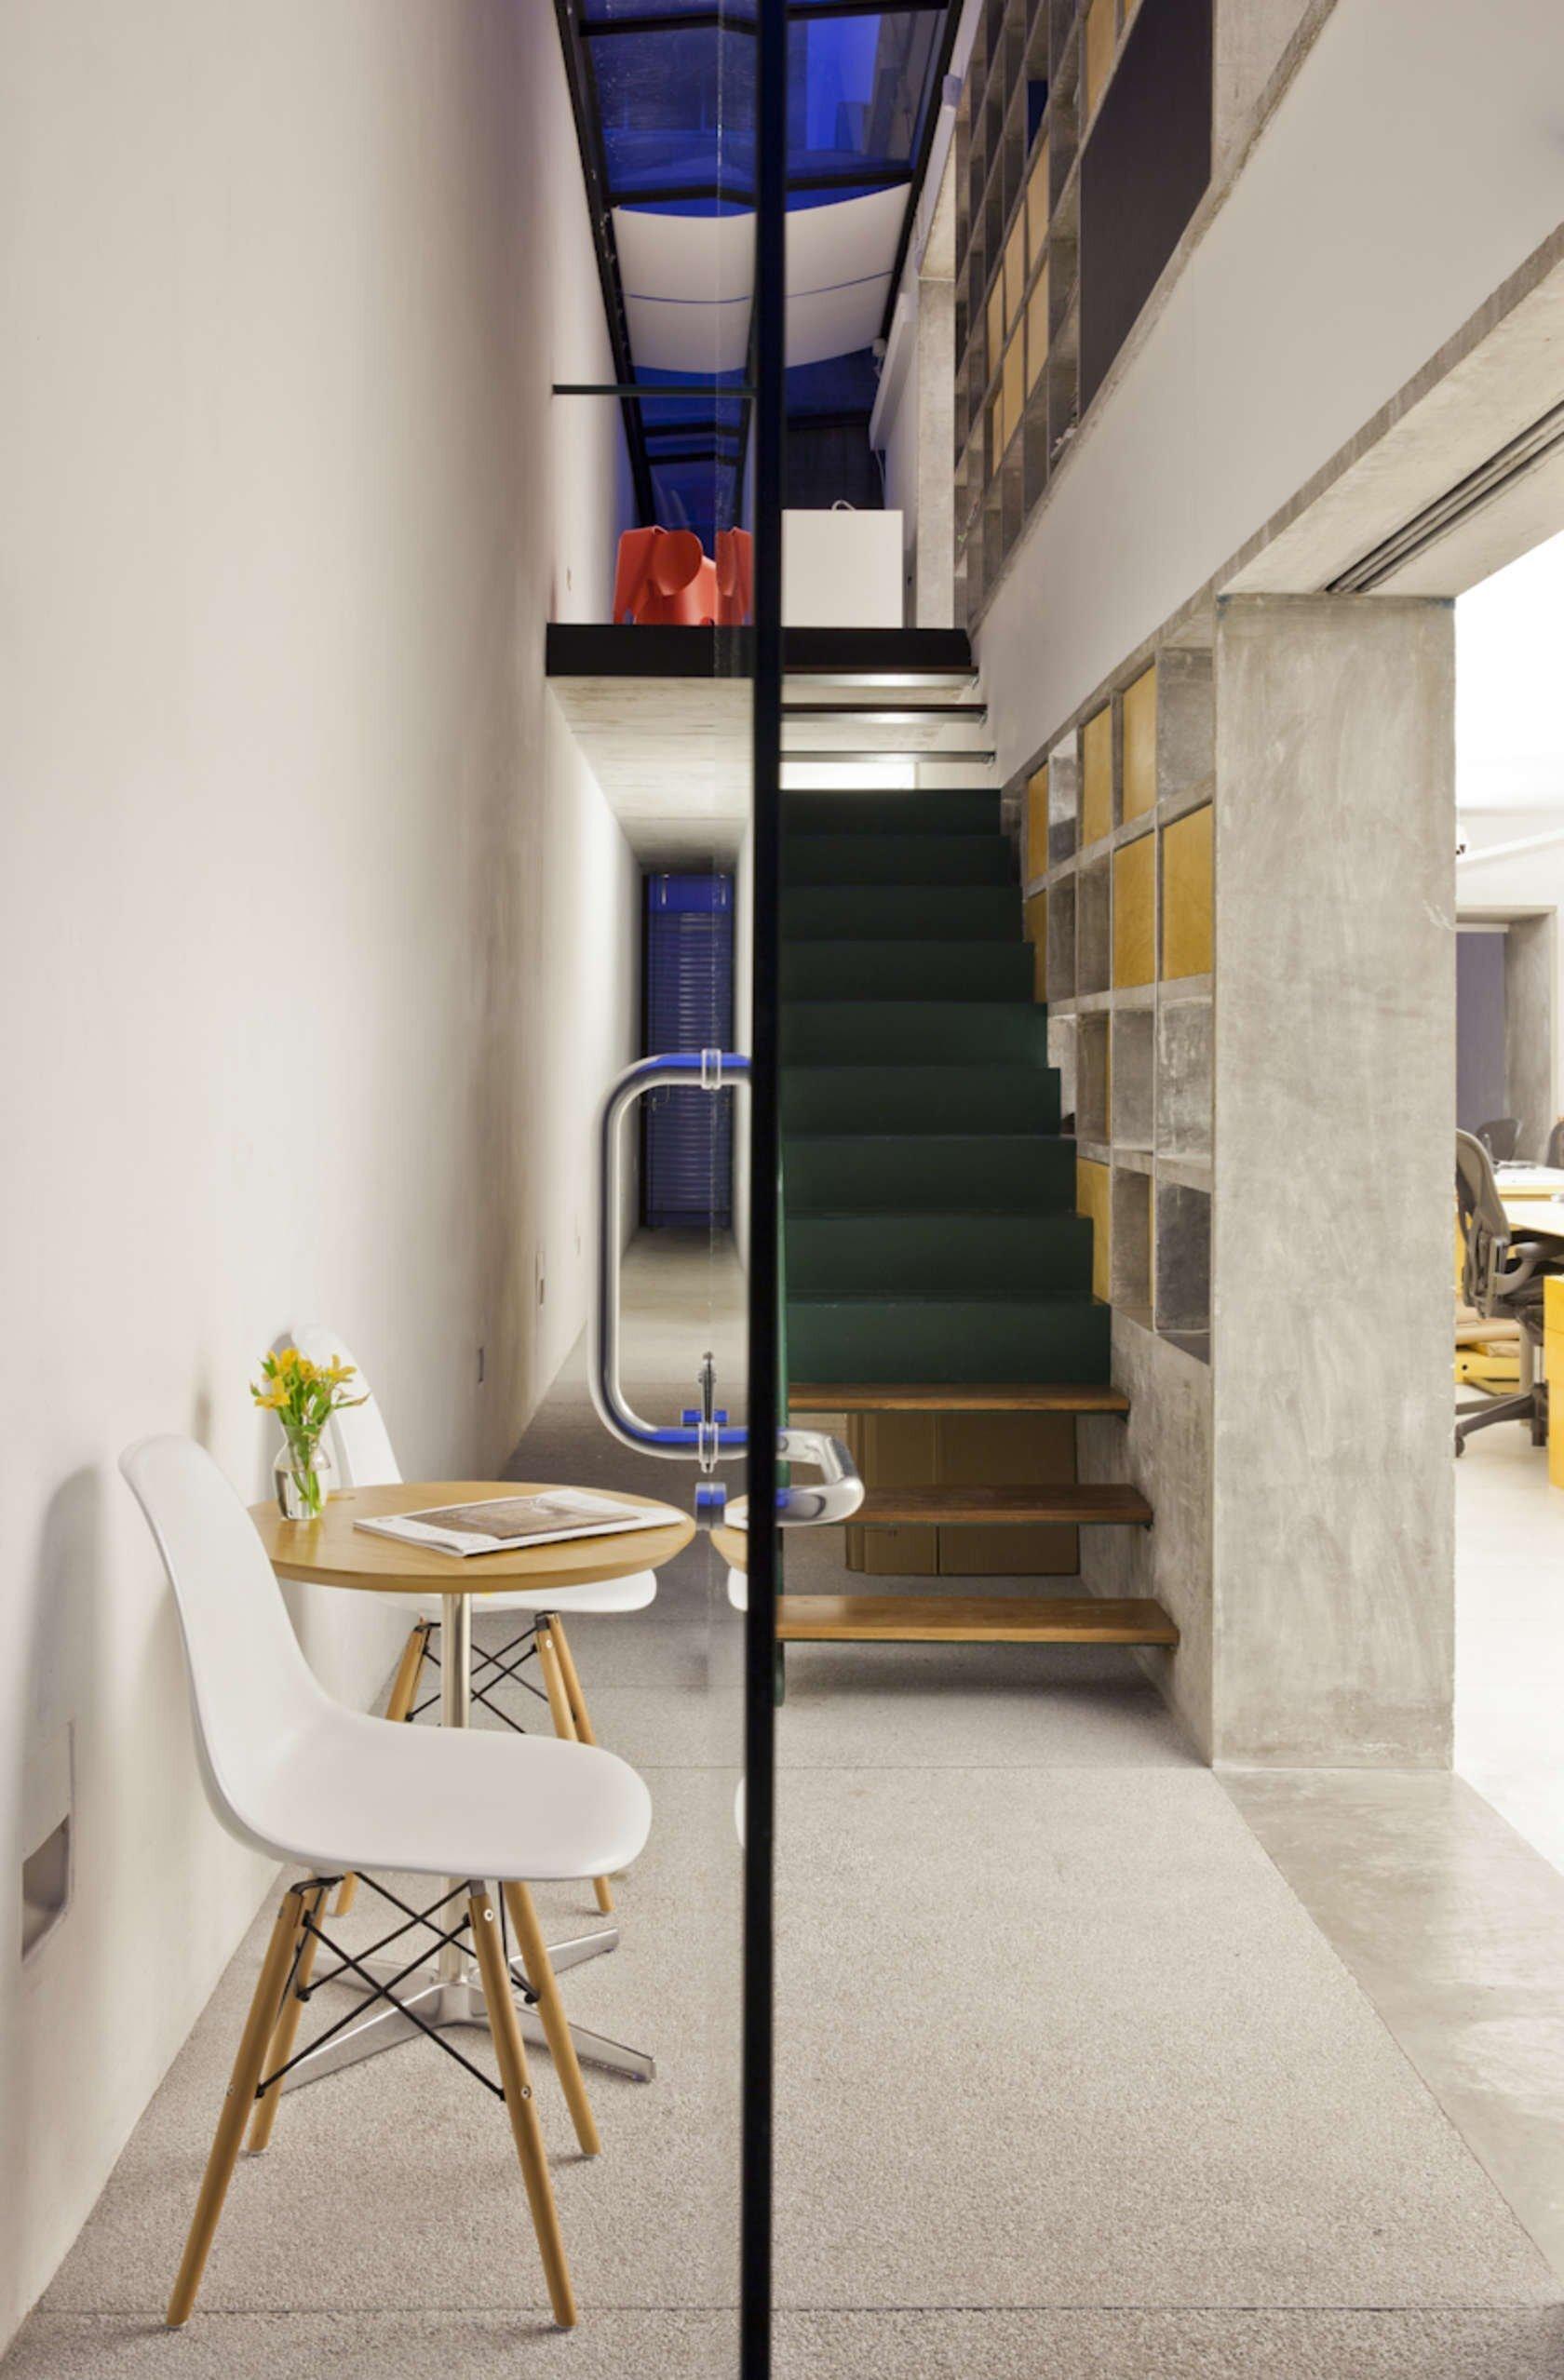 17上海办公室装修后室内绿化的必要性